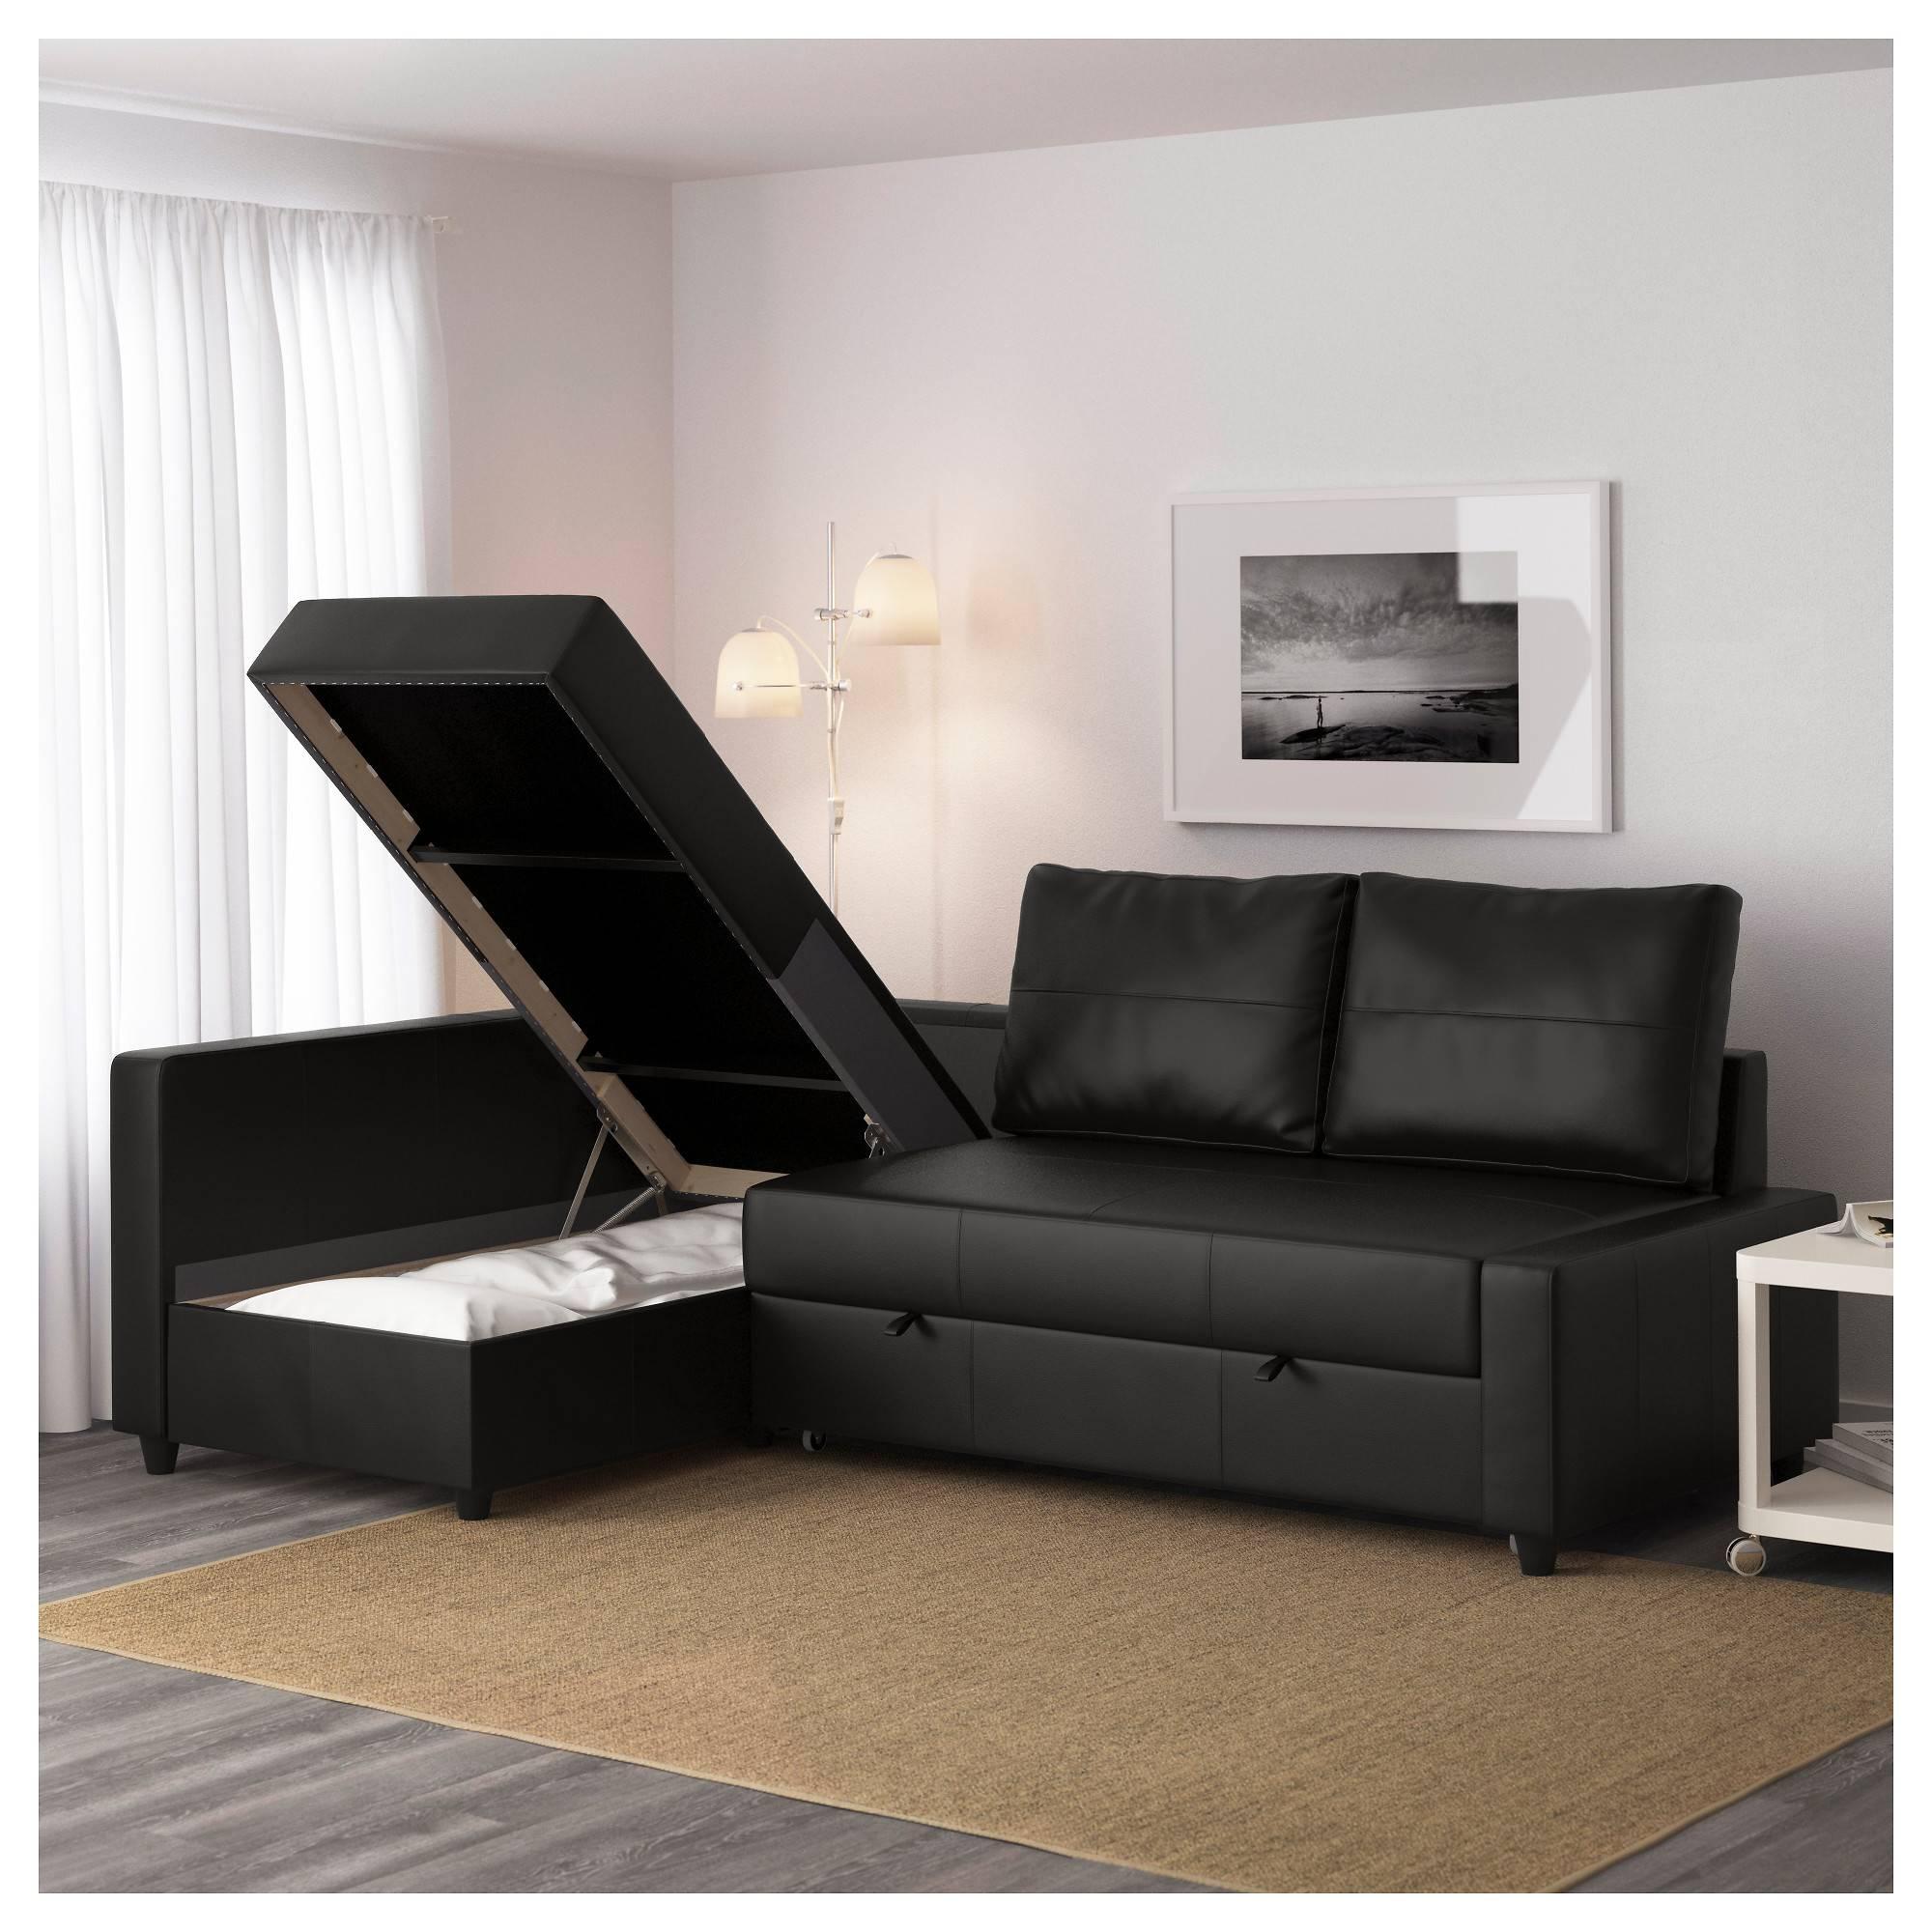 Friheten Corner Sofa-Bed With Storage - Skiftebo Dark Gray - Ikea pertaining to Corner Sofa Bed With Storage Ikea (Image 7 of 30)